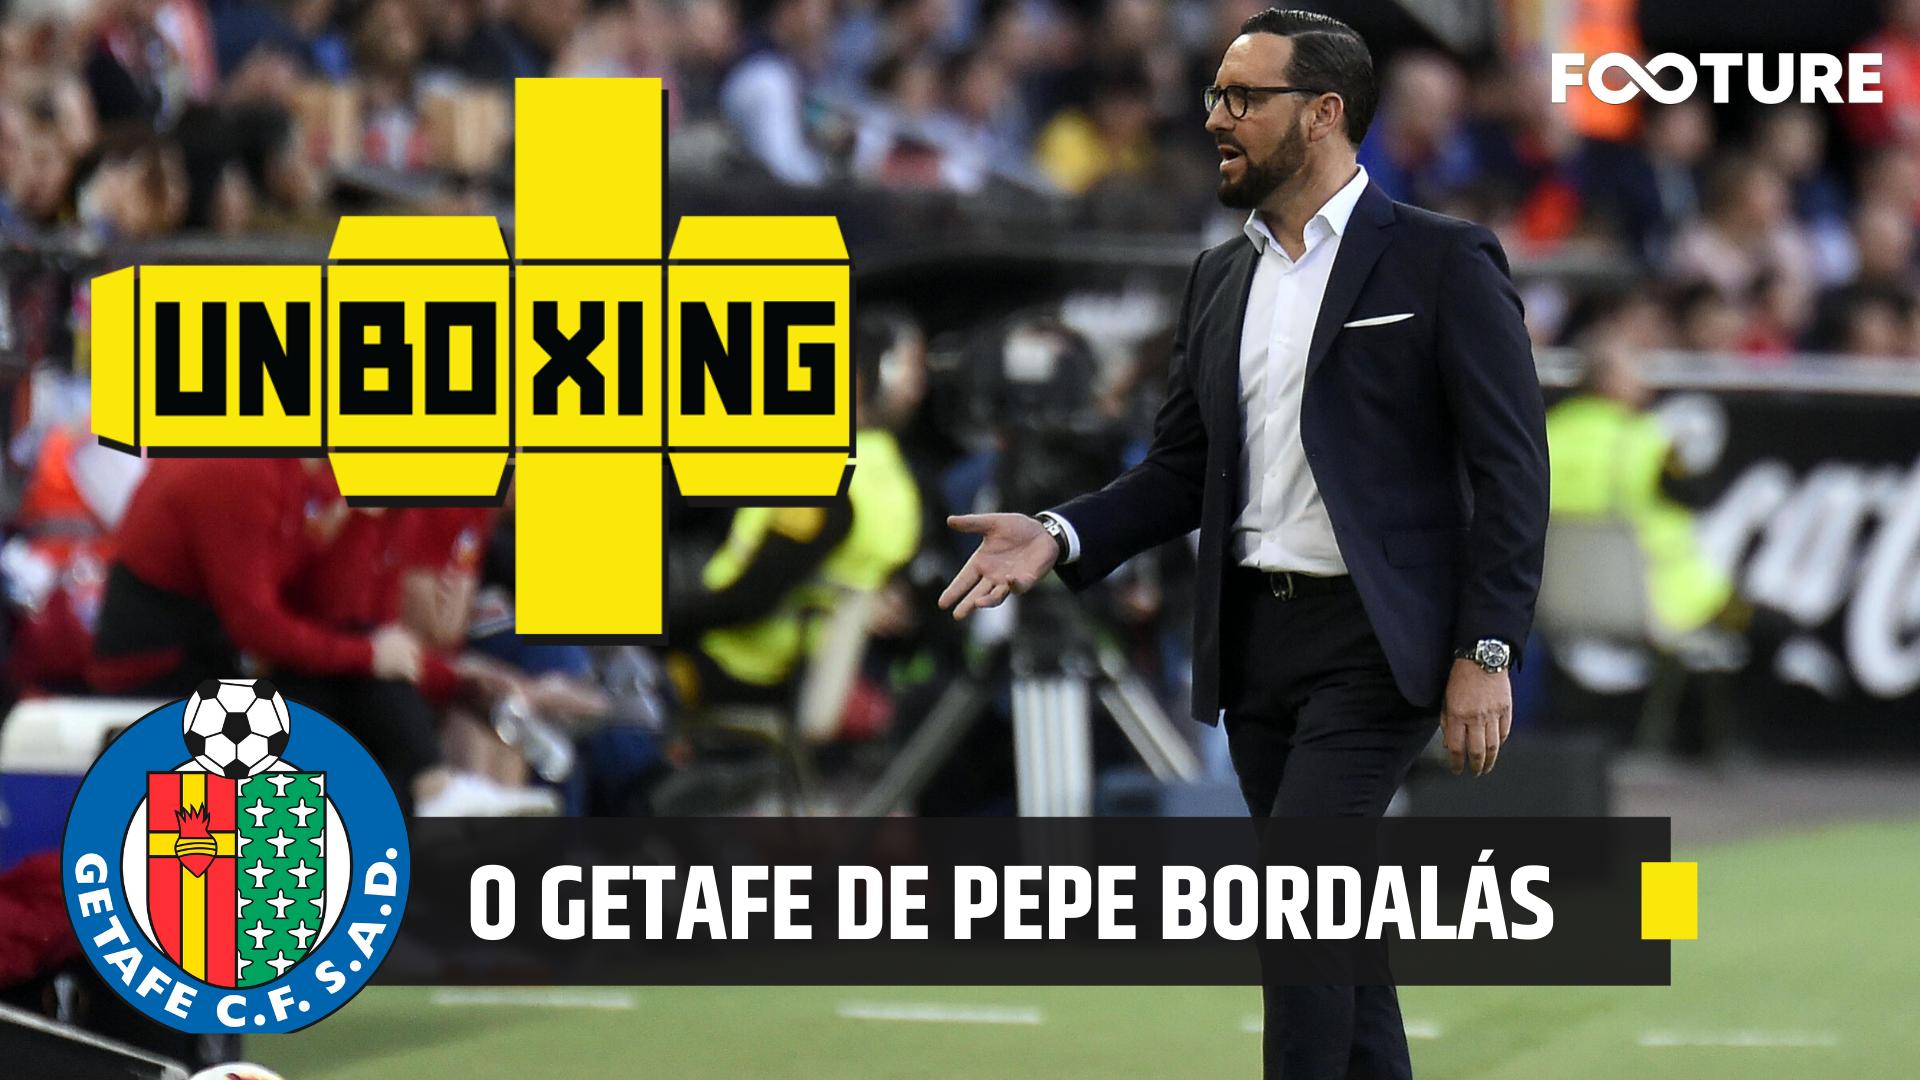 Unboxing #27 | O Getafe de Pepe Bordalás